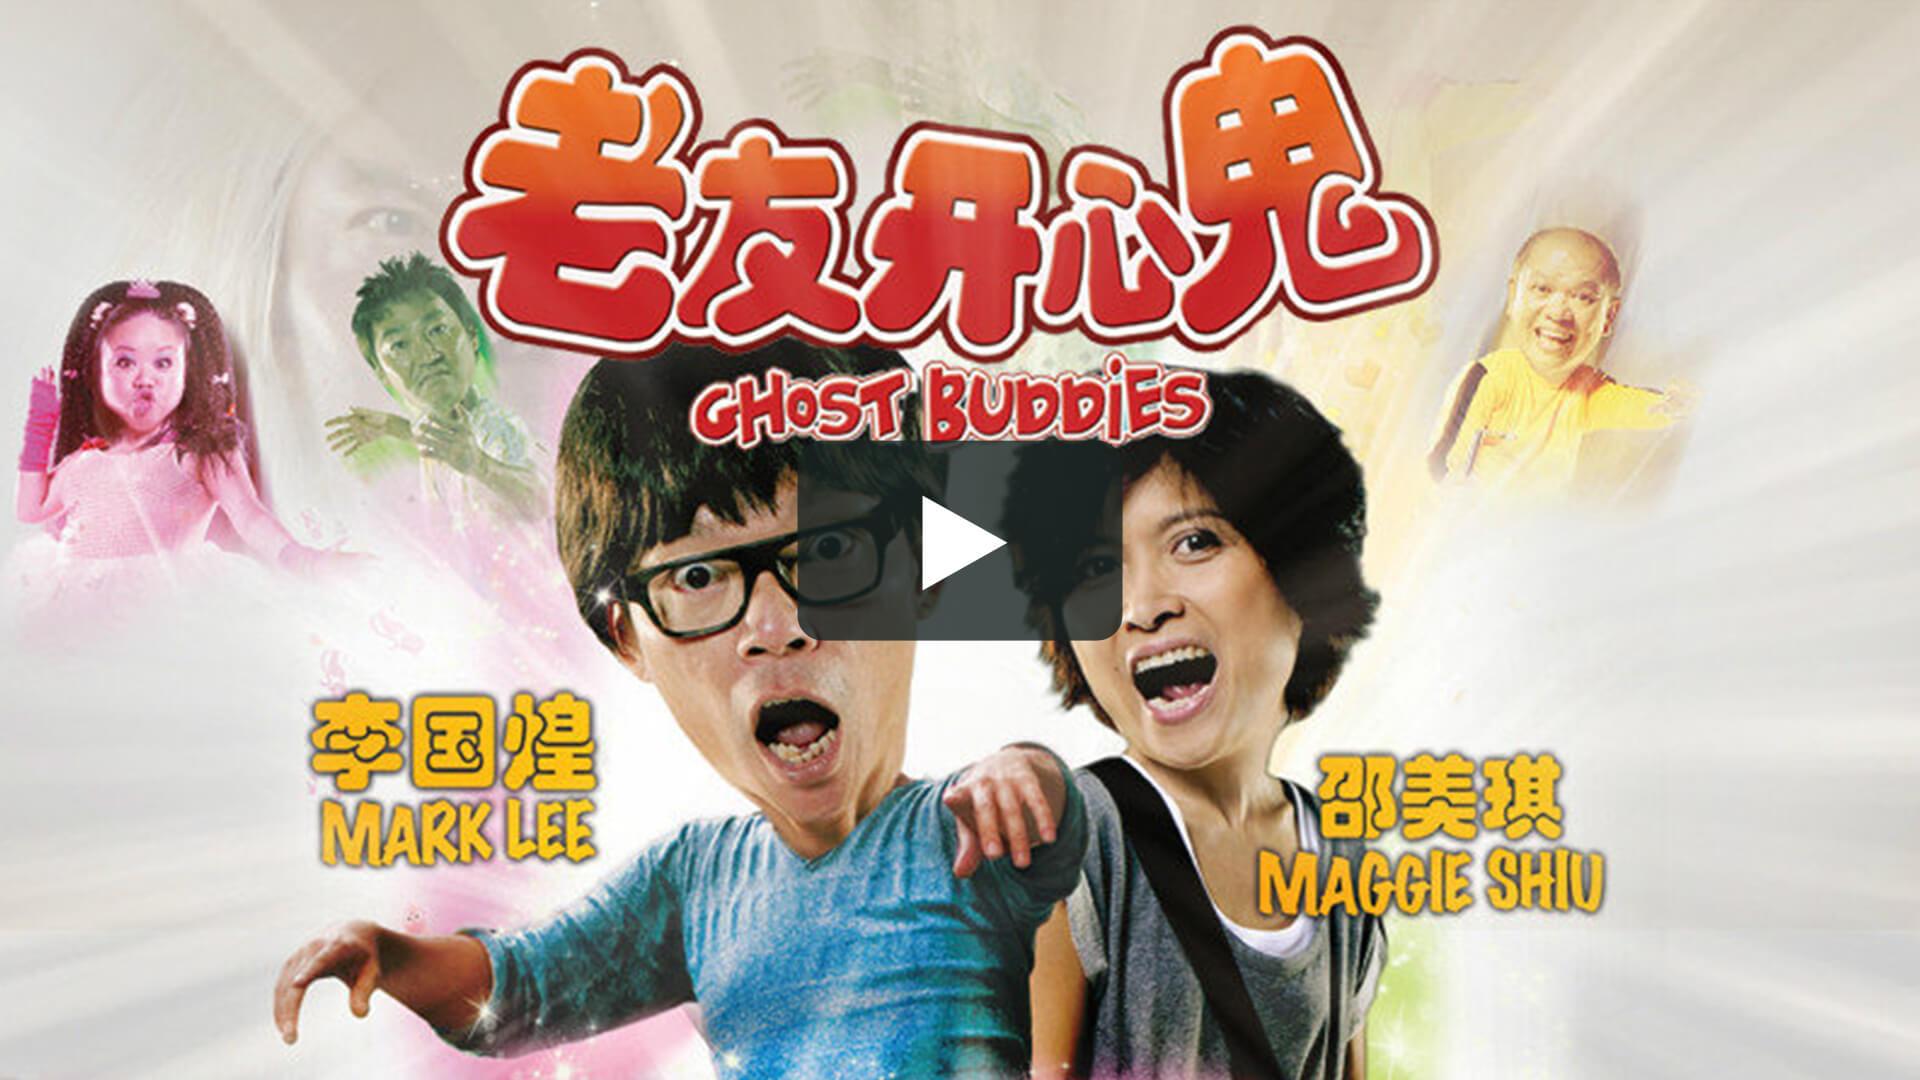 老友開心鬼 - Ghost Buddies